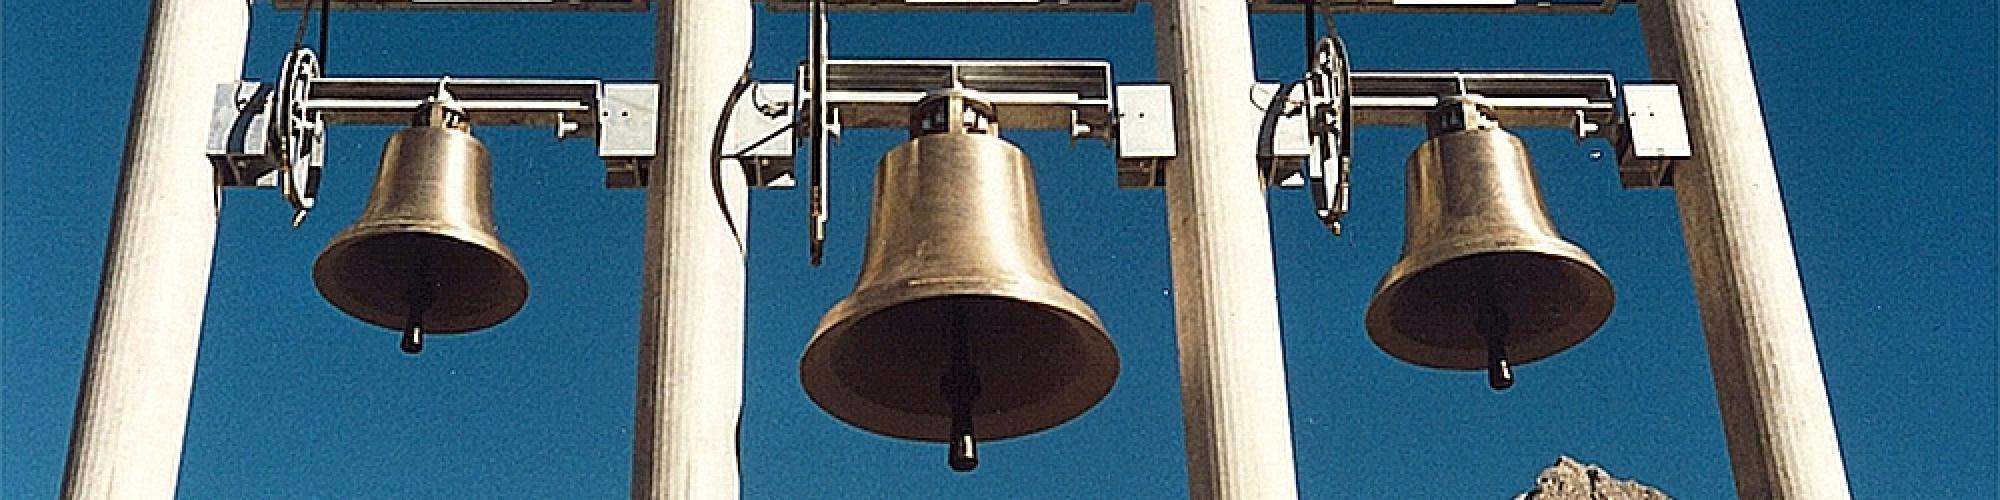 Evangelische Kirchgemeinde Bivio-Surses